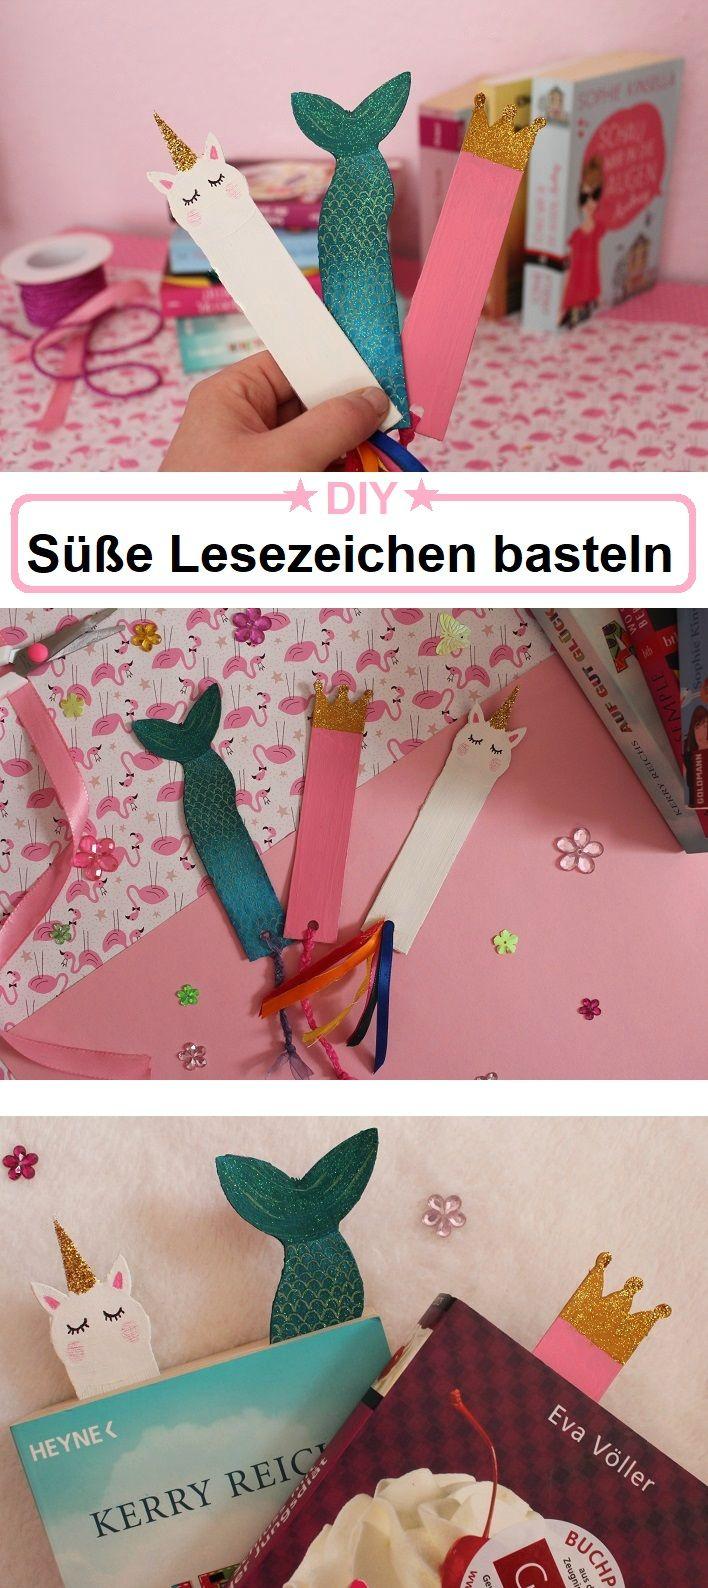 DIY - Süße Lesezeichen basteln - Last Minute Geschenk Idee #lastminuteweihnachtsgeschenke